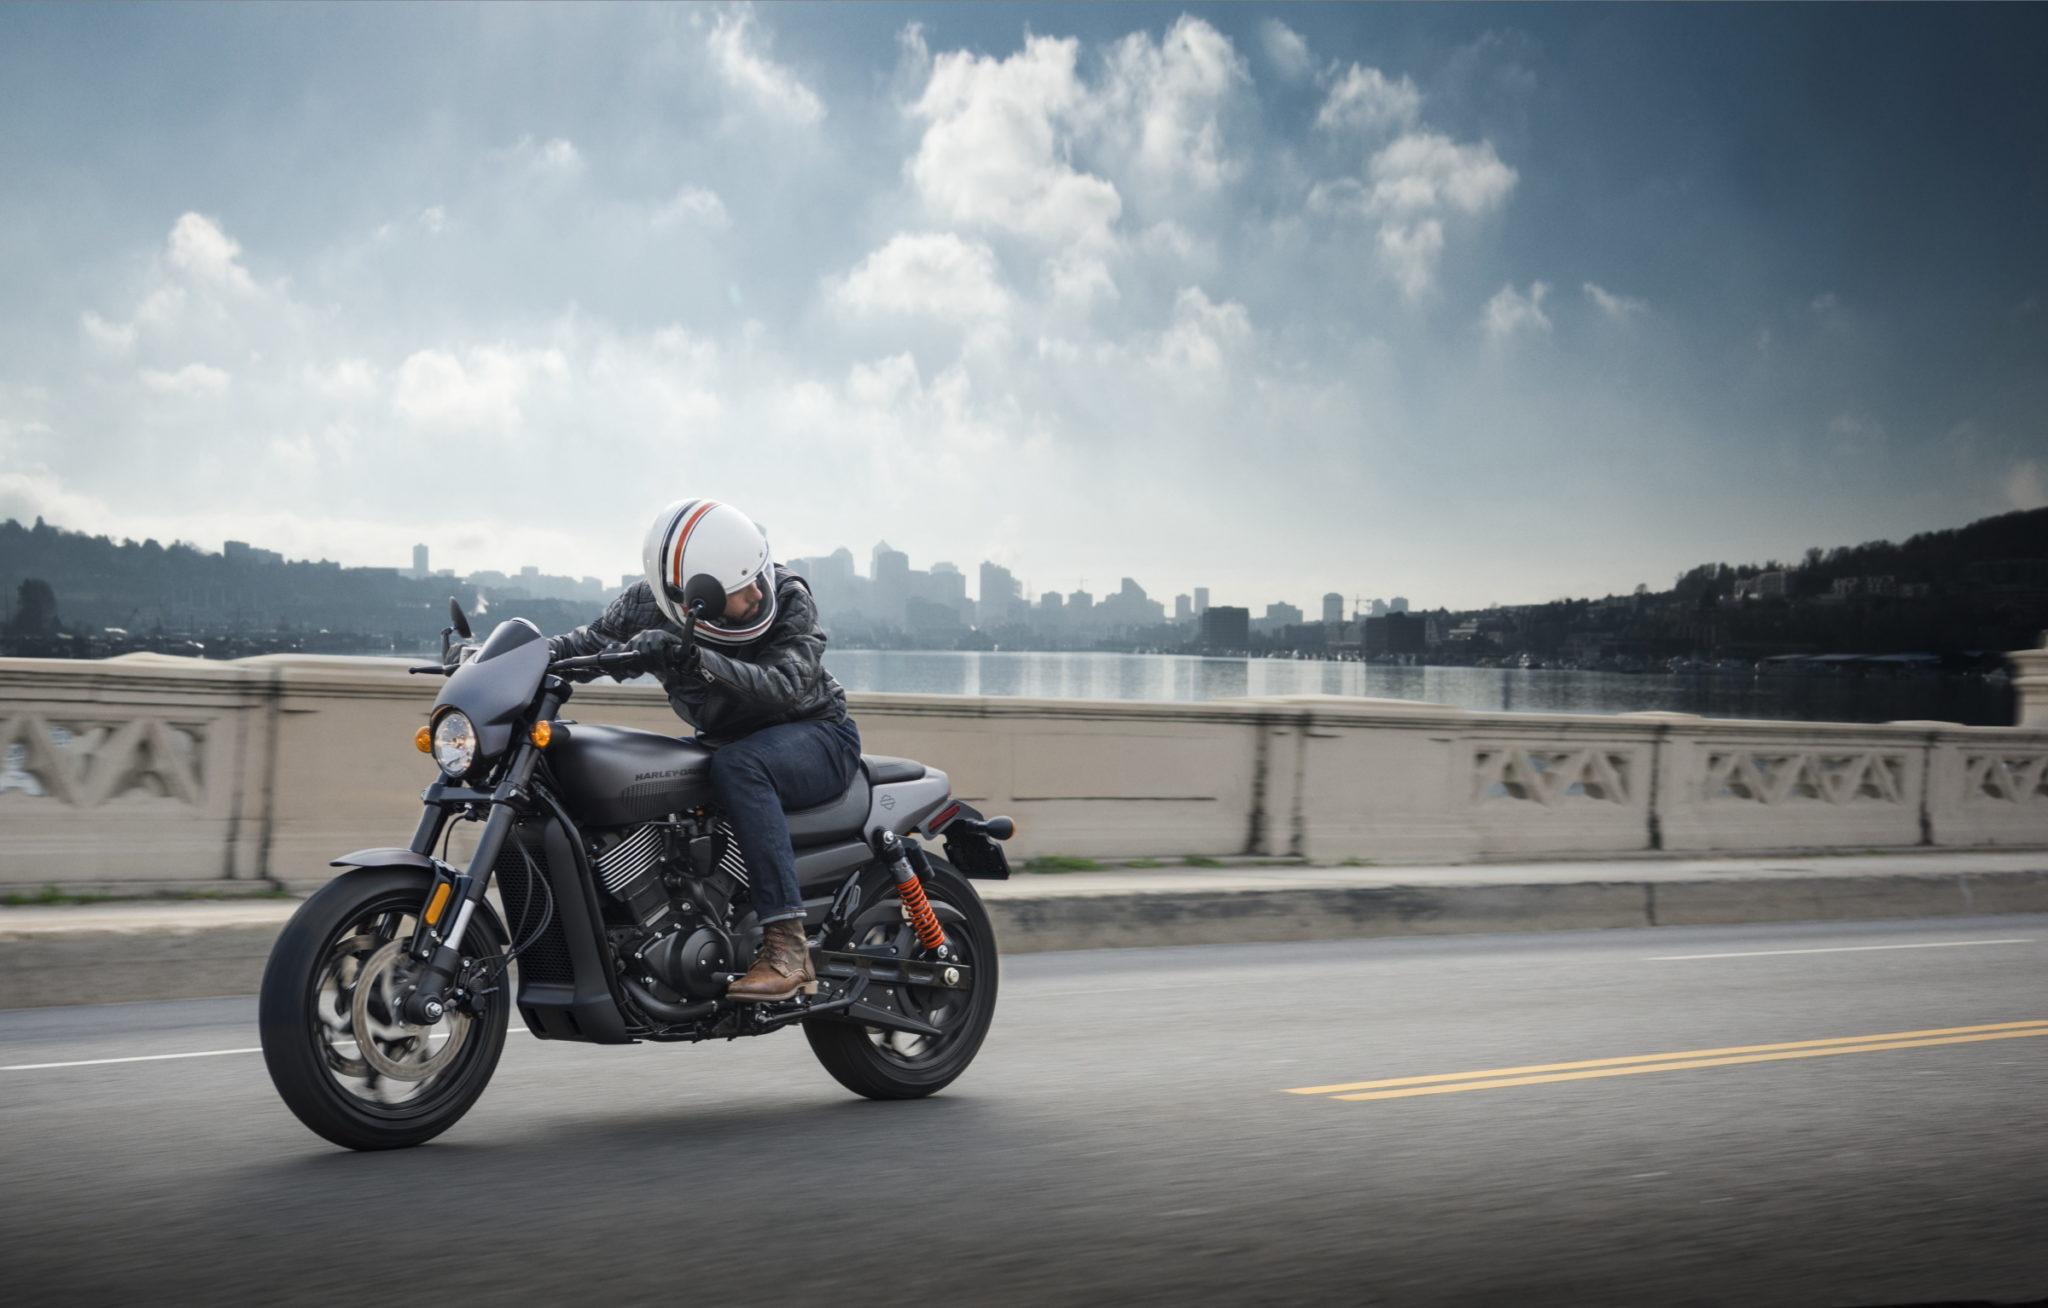 HARLEY-DAVIDSON PREZENTUJE NOWY MOTOCYKL STREET ROD